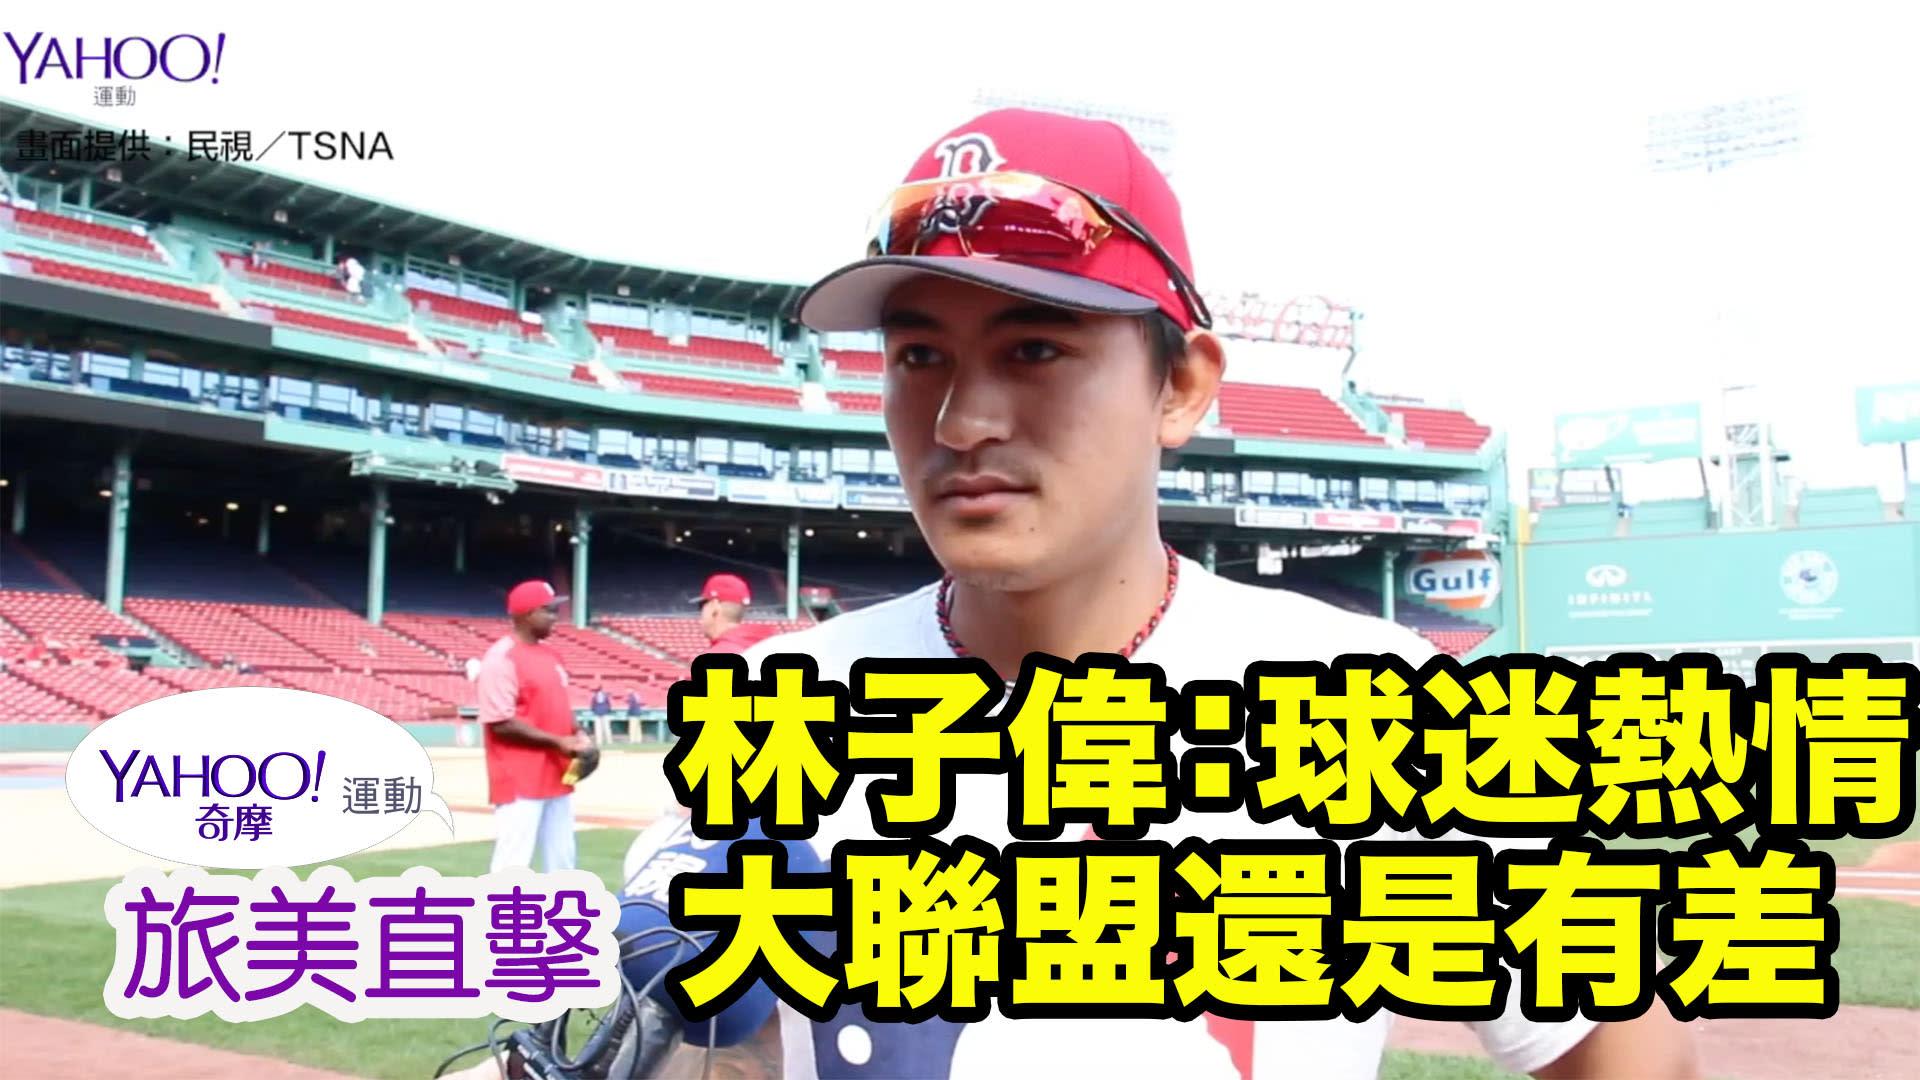 林子偉:球迷熱情 大聯盟還是有差